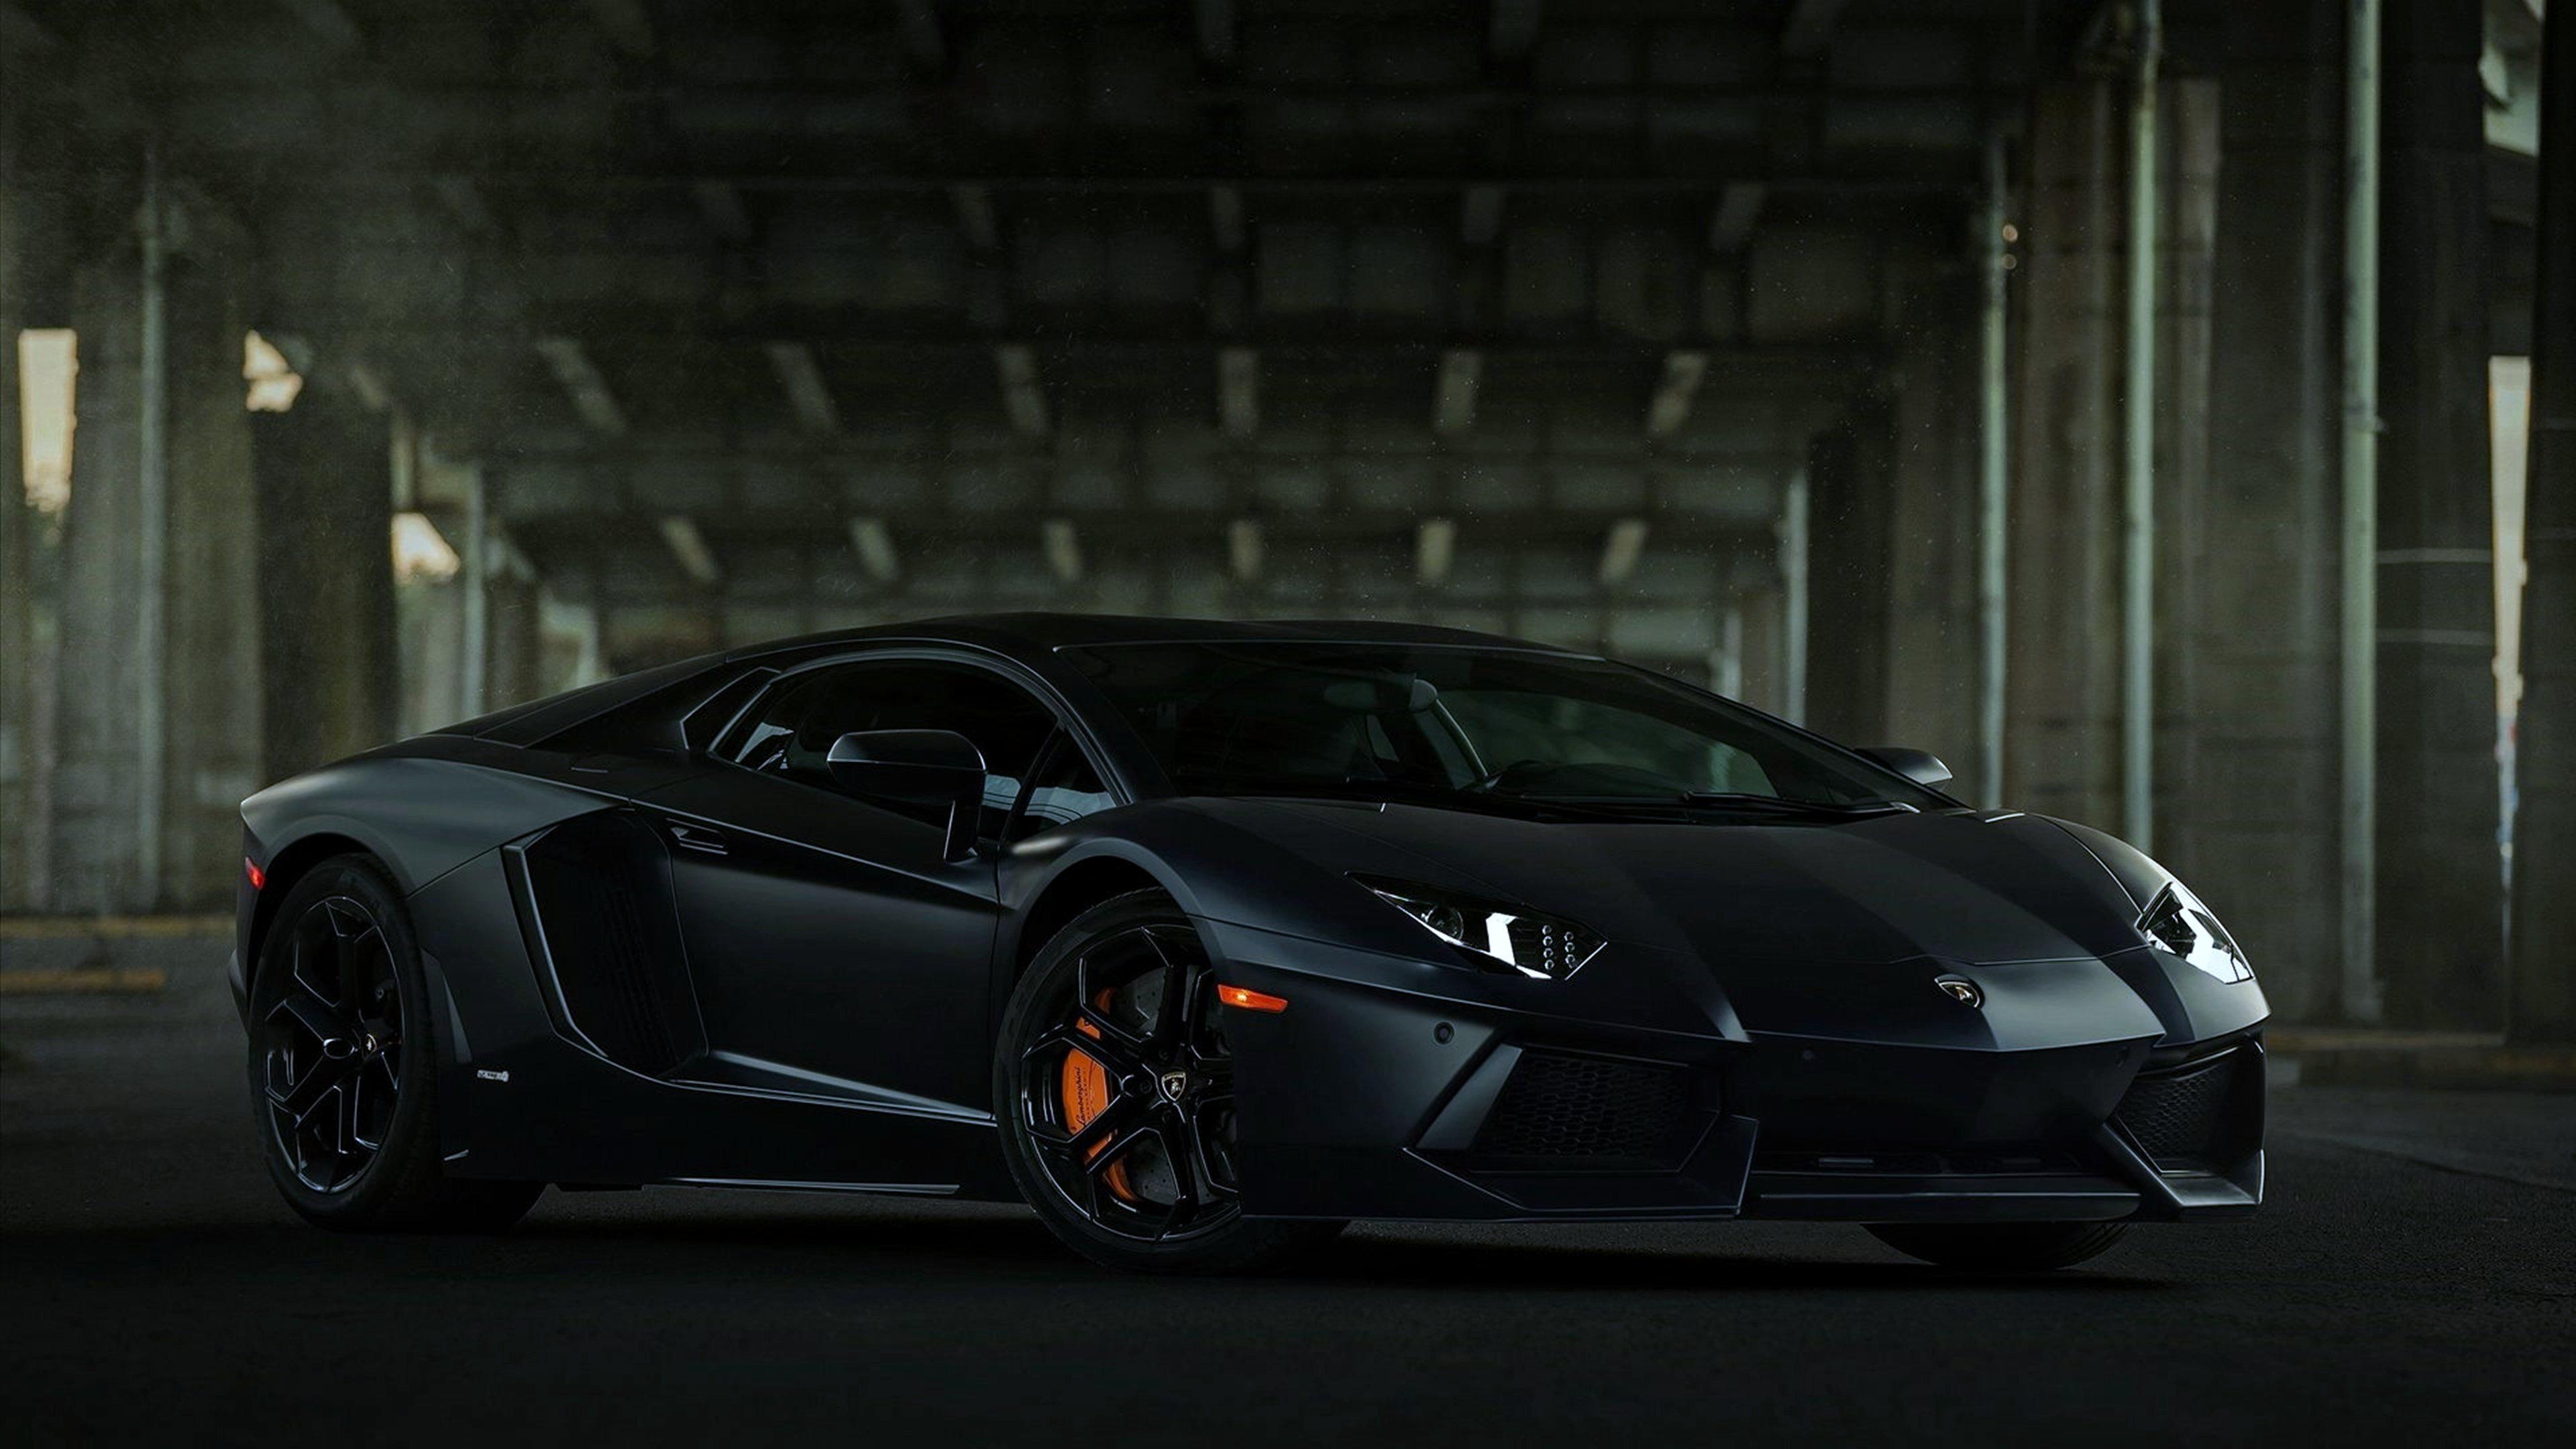 Lamborghini Aventador Car 4k Hd Desktop Wallpaper For 4k: Lamborghini Aventador LP700 4k, HD Cars, 4k Wallpapers